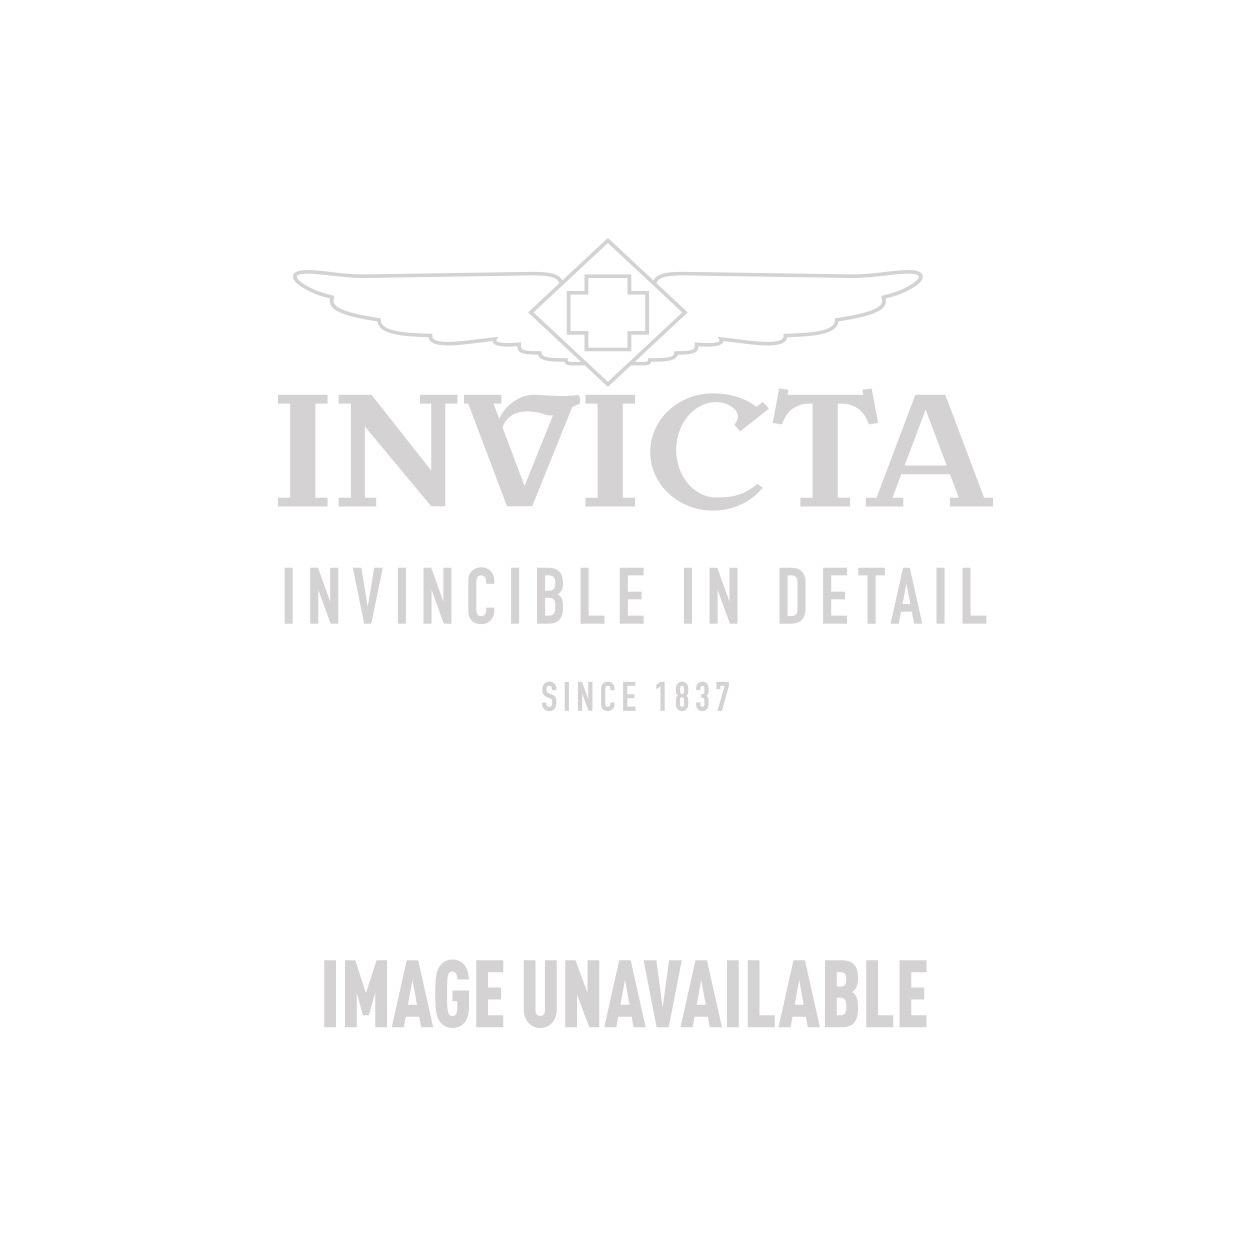 Invicta Model 28136